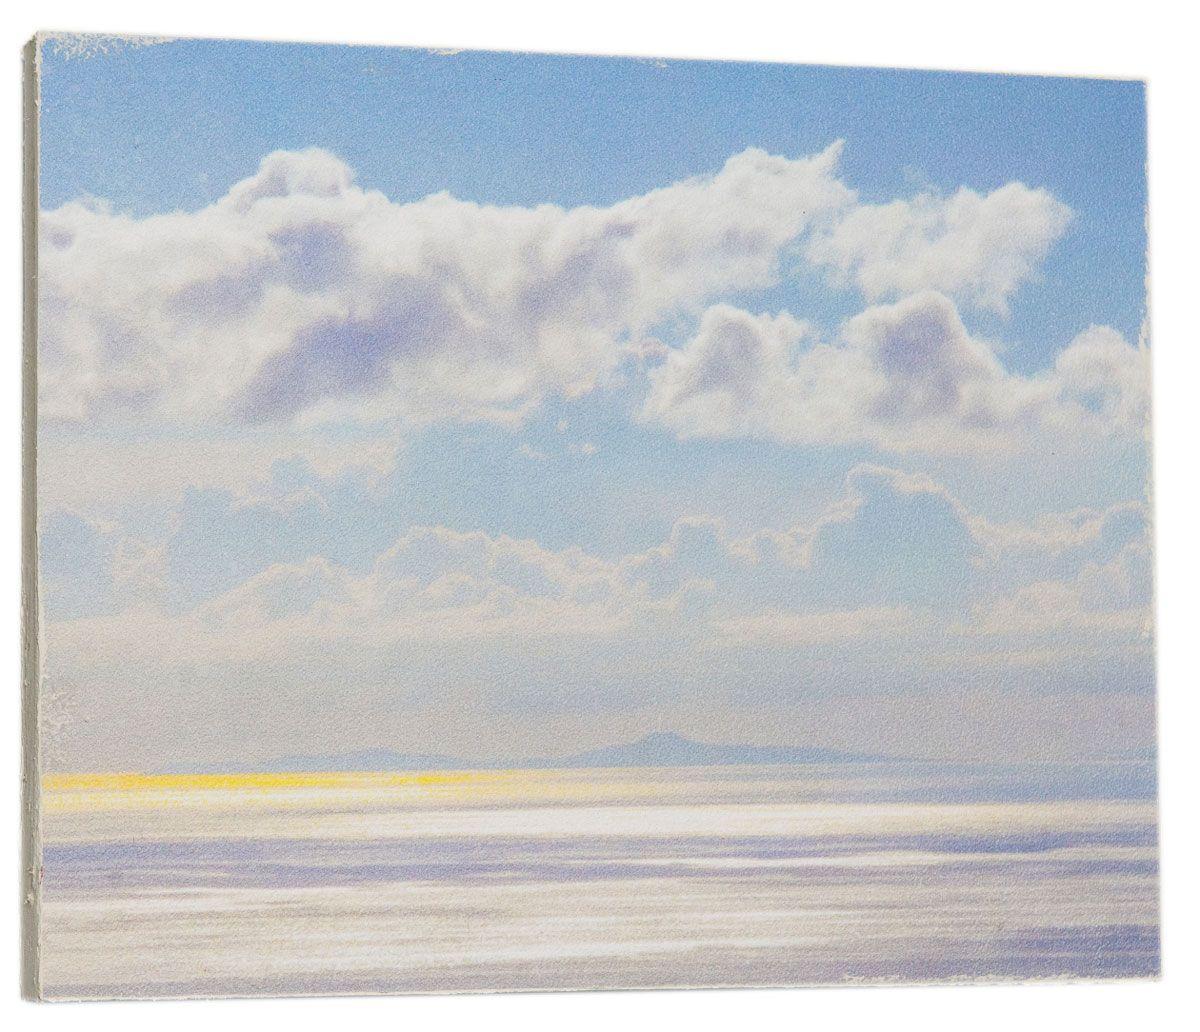 Картина Mister Poster Красивое небо, 32 х 24 смRG-D31SКартина Mister Poster - это высококачественная репродукция на деревянной раме. Лицевая поверхность имитирует штукатурку или натуральный холст, края окрашены вручную специальным декоративным составом.Современные технологии, уникальное оборудование и оригинальные чернила, используемые при изготовлении, делают постер устойчивым к выцветанию, а также гарантируют стойкость к воздействию негативных внешних факторов. Интерьер дома и офиса, в котором находится человек, в значительной степени влияет на его настроение и работоспособность. Правильное оформление интерьера создает благоприятный психологический климат, улучшает настроение и мотивирует. Добавьте «красок» в ваш интерьер и, возможно, в вашу жизнь.